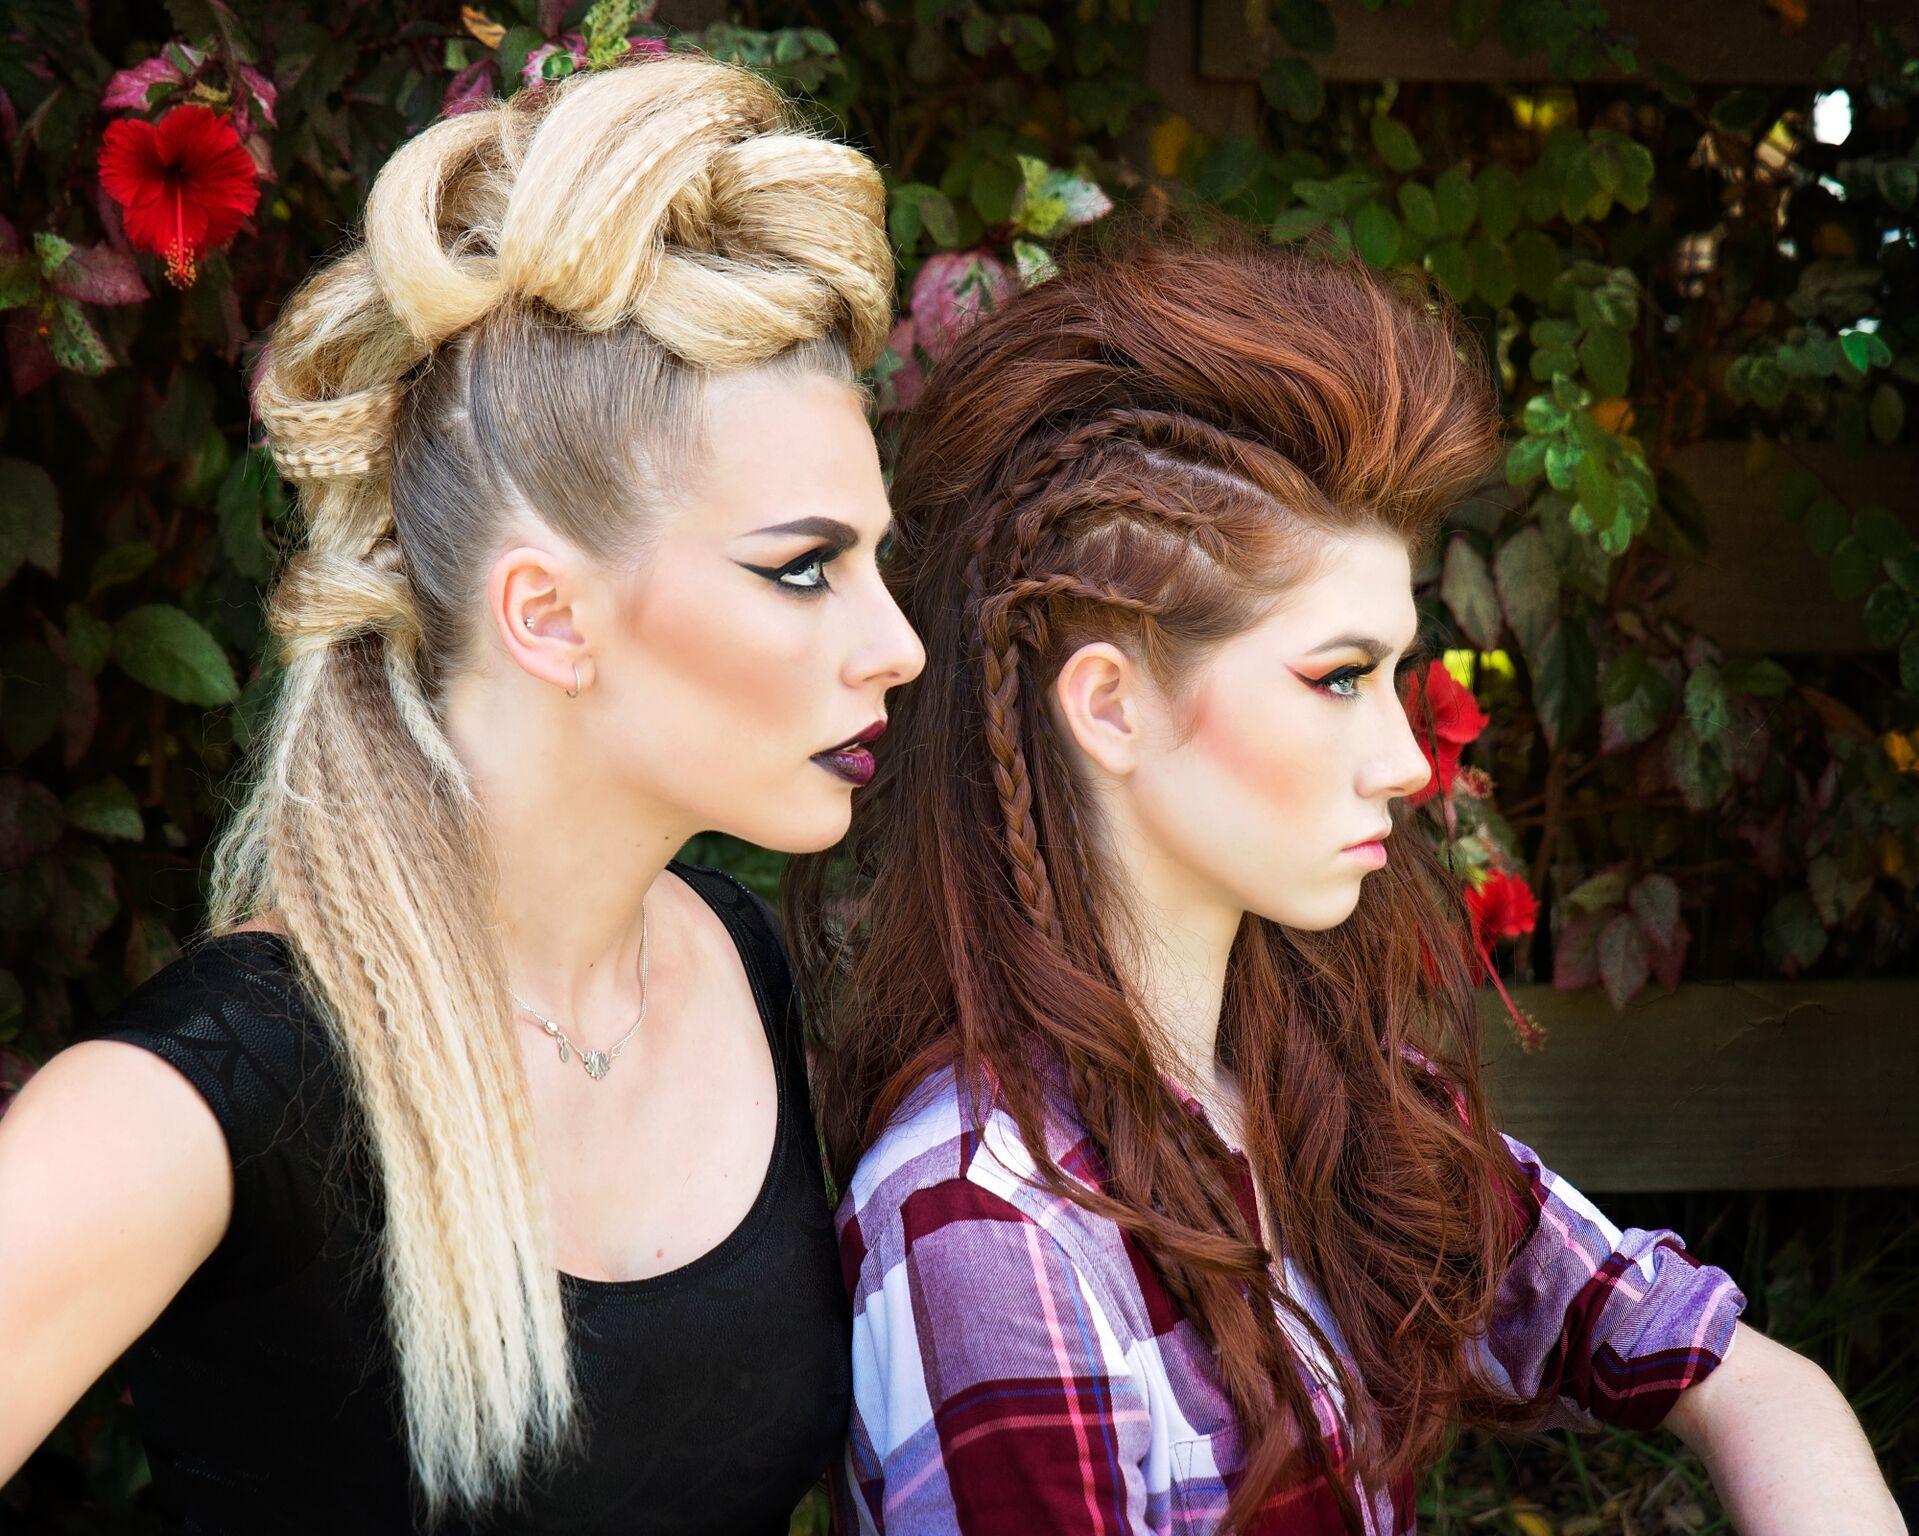 punk rock updo duo